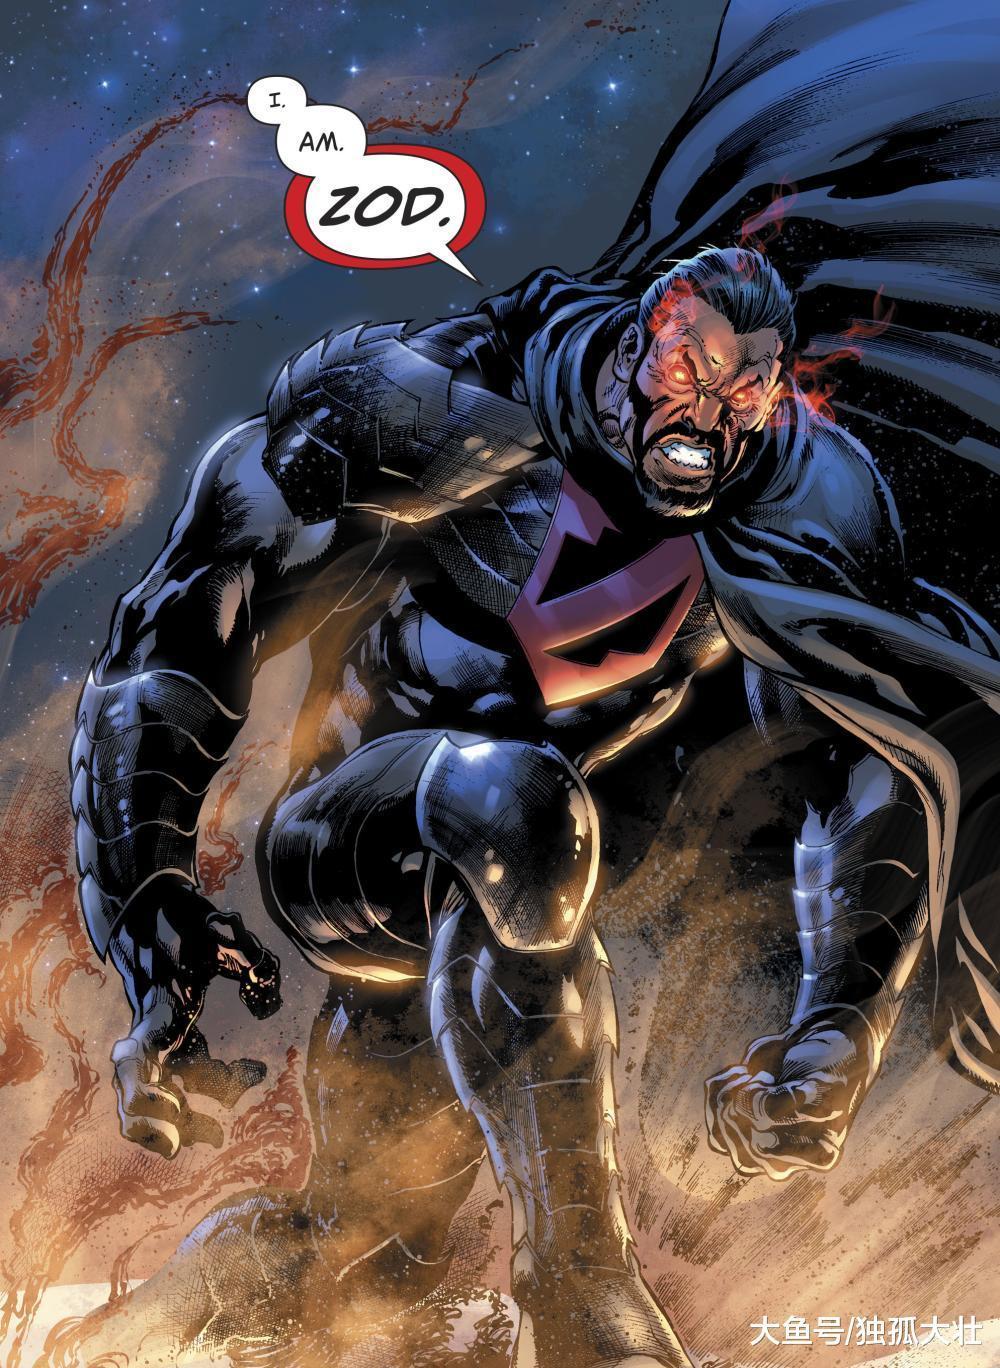 《超人》佐德将军心中的梦想, 和超人一起重建氪星!